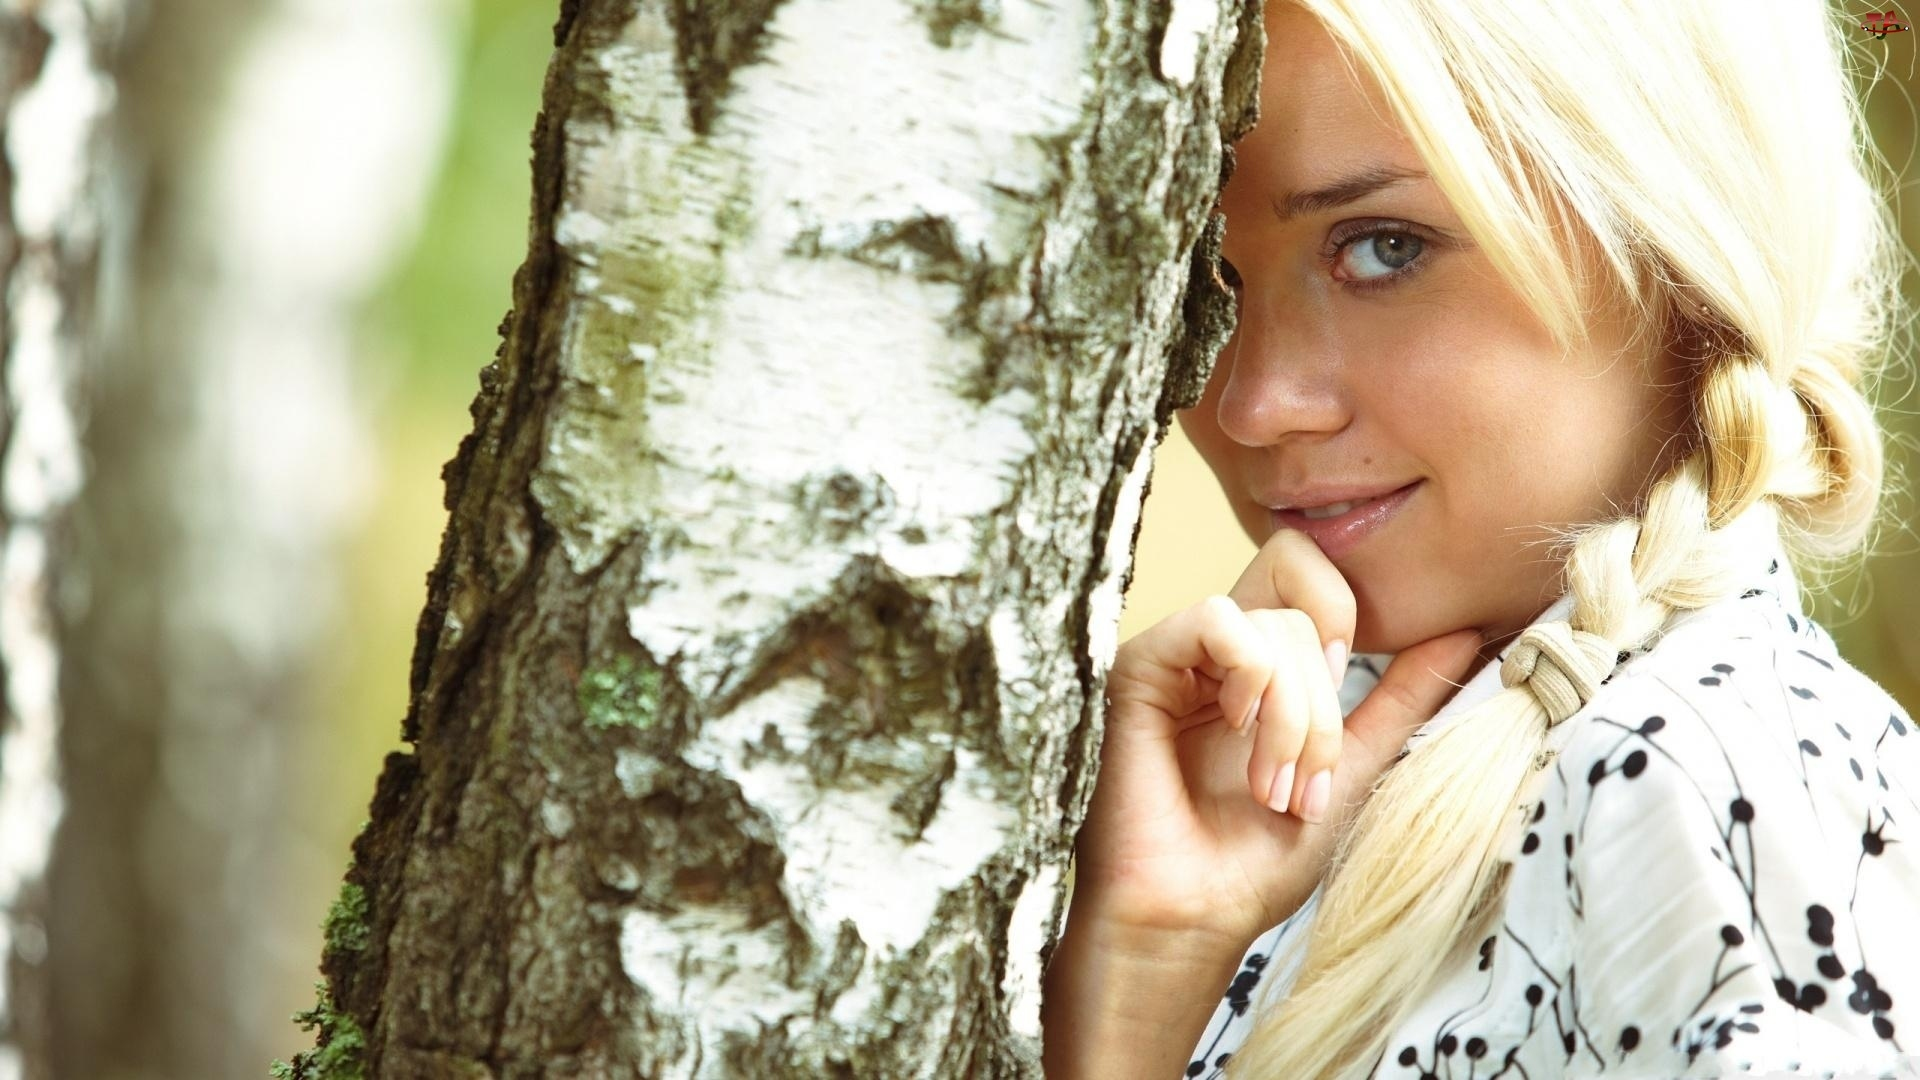 Drzewo, Warkocze, Brzoza, Dziewczyna